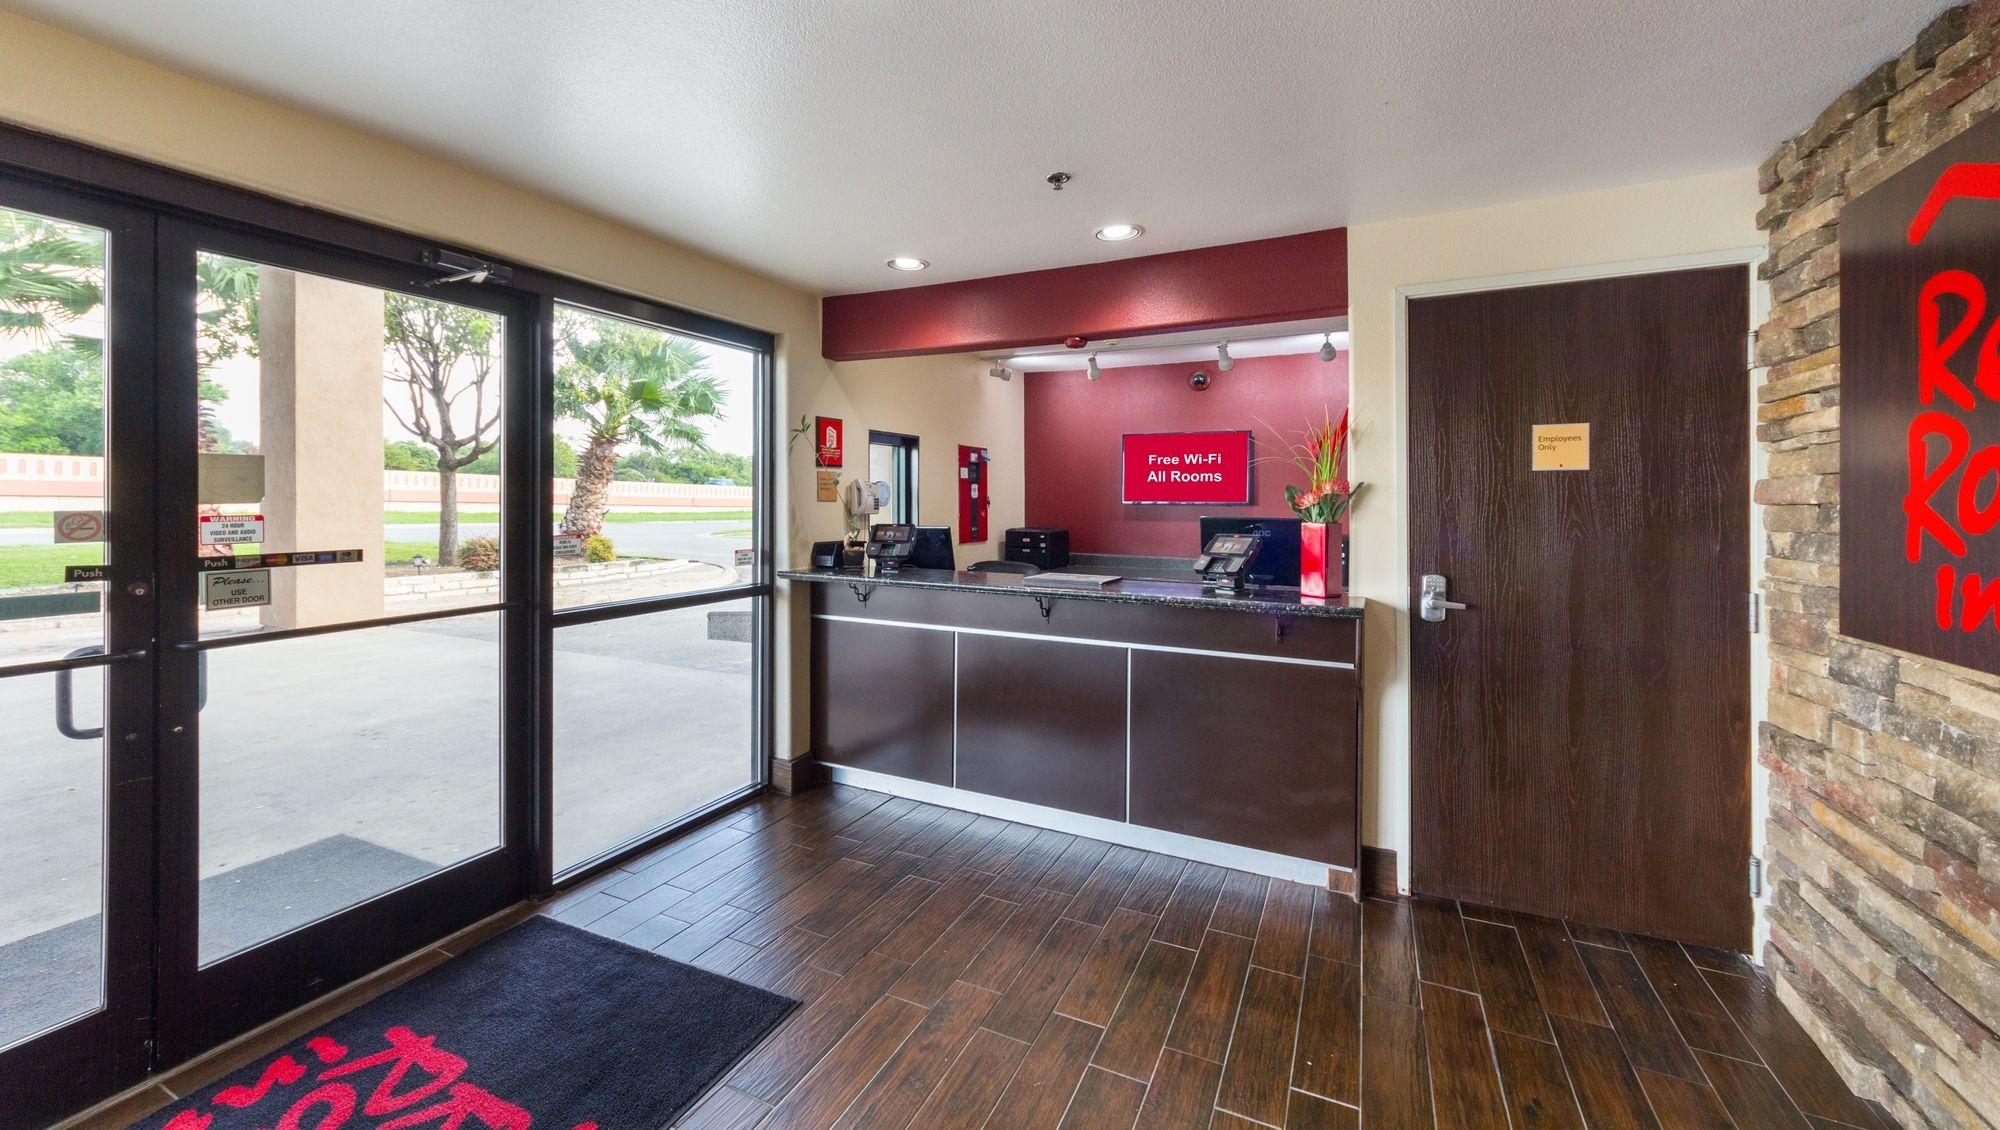 ... TX Red Roof Inn New Braunfels In New Braunfels, ...